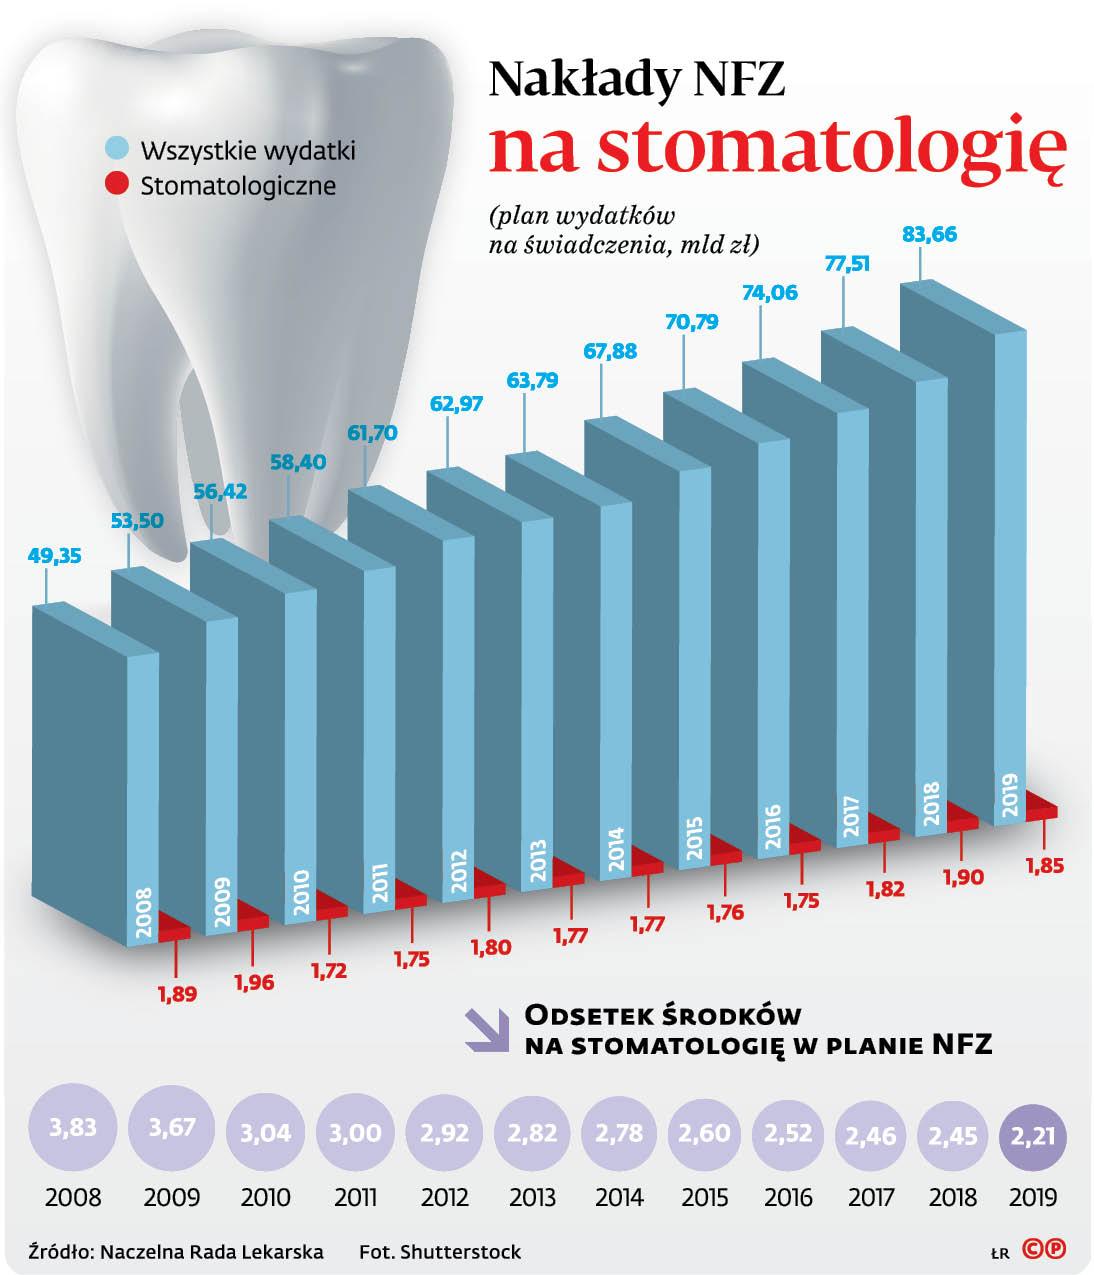 Nakłady NFZ na stomatologię